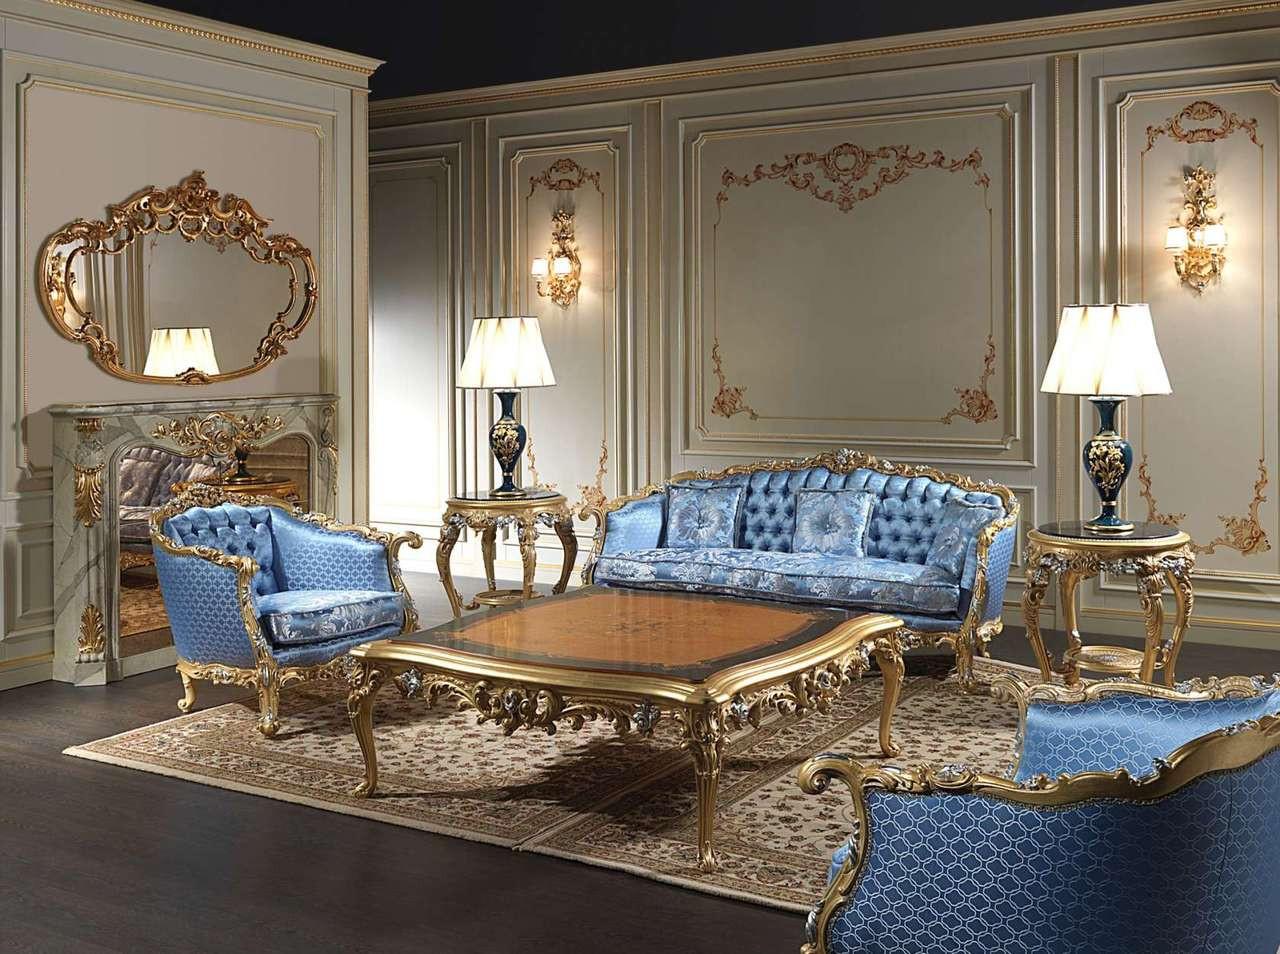 Living Room Set, Louis XVI Sofas & Chairs